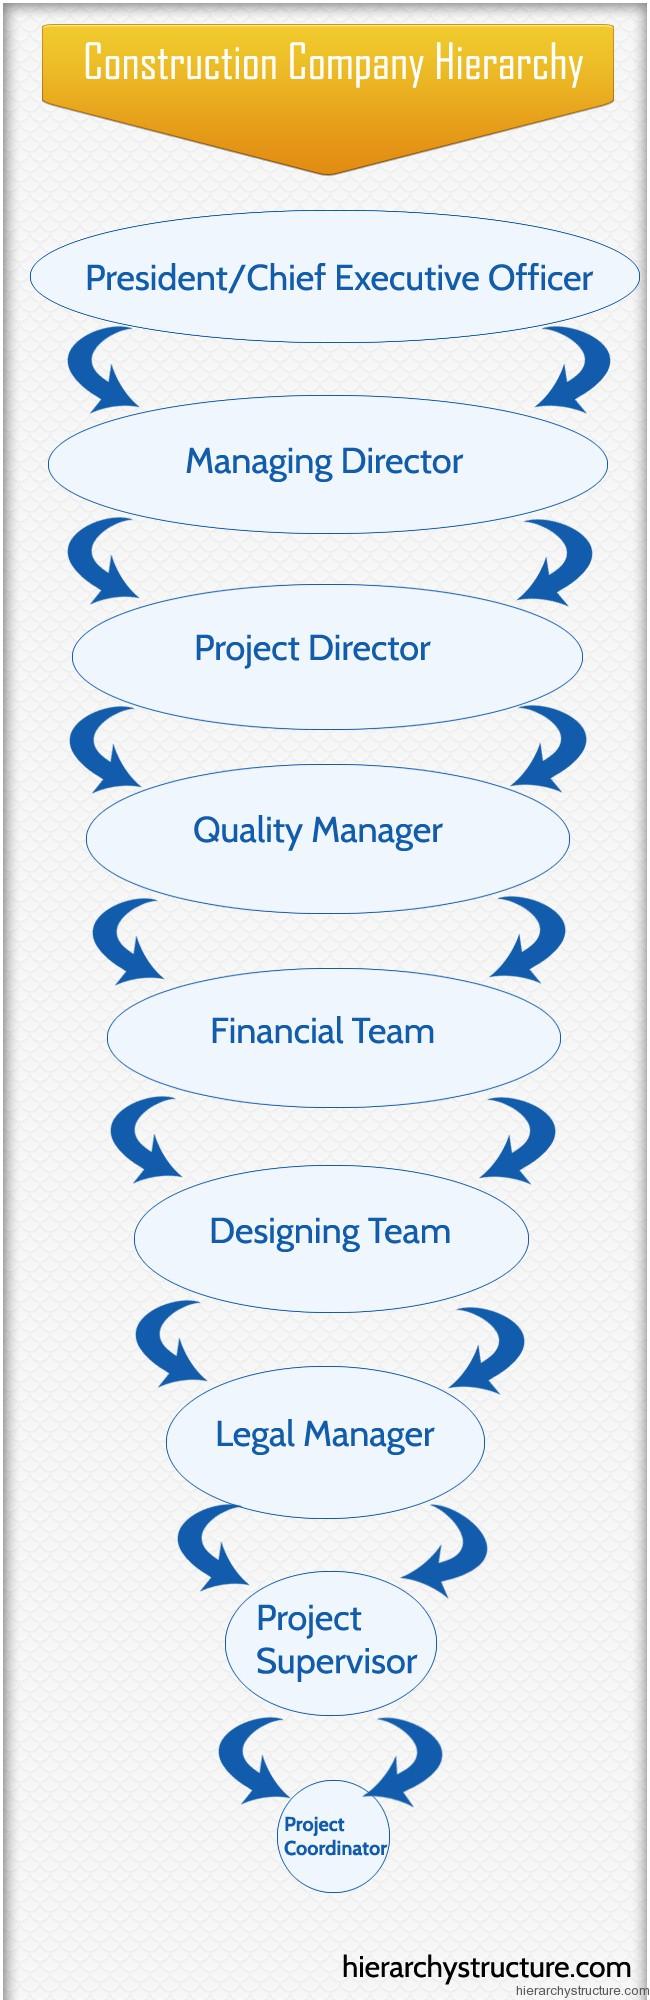 Construction Company Hierarchy